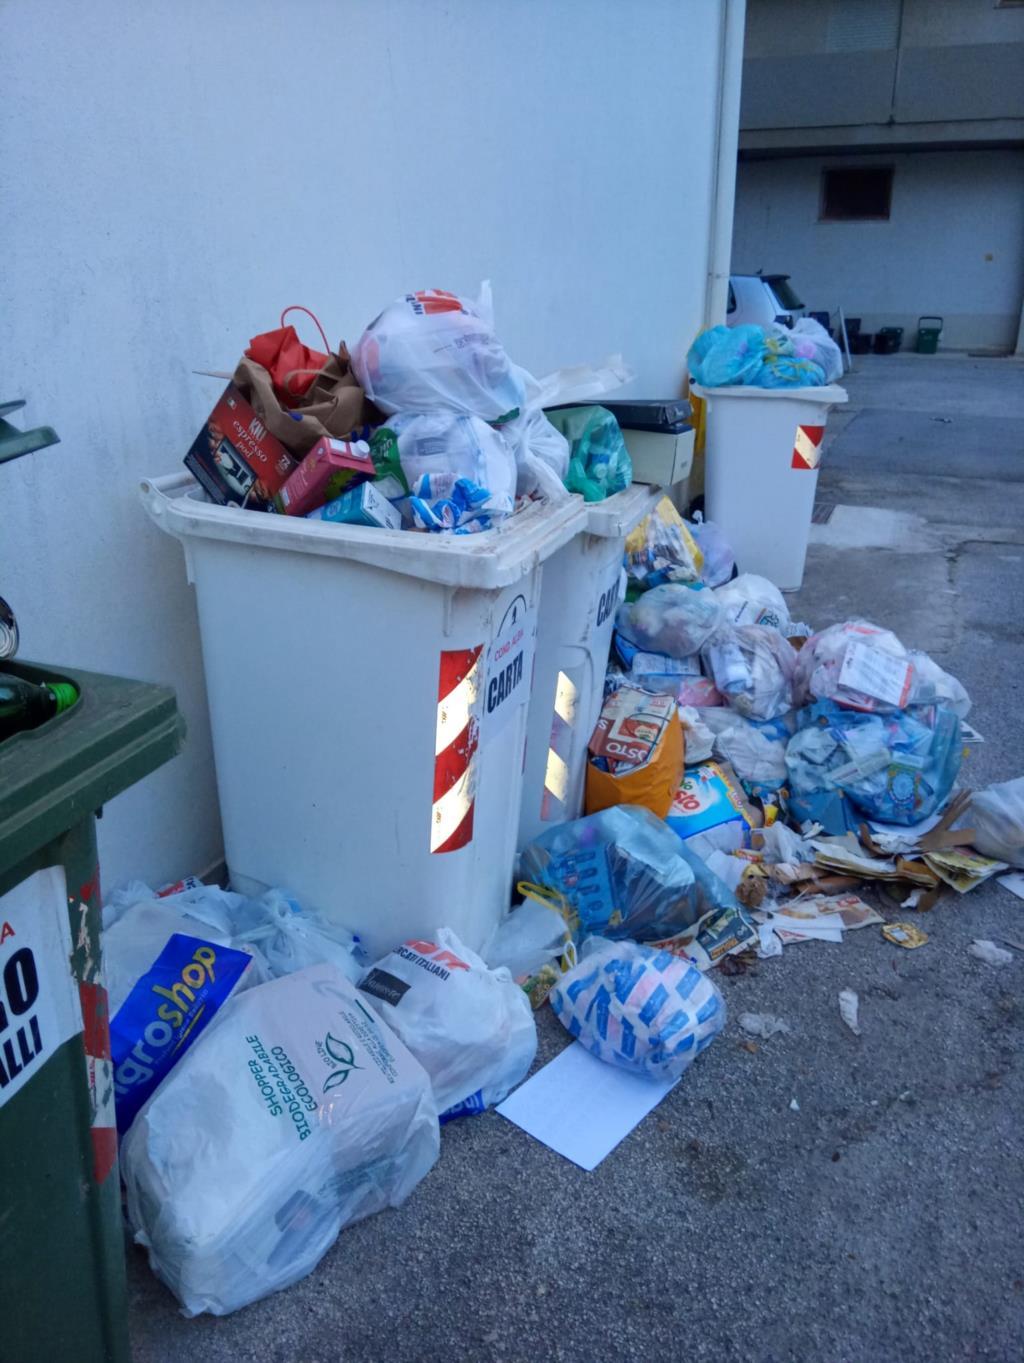 Erice, la favola della spazzatura a Trentapiedi